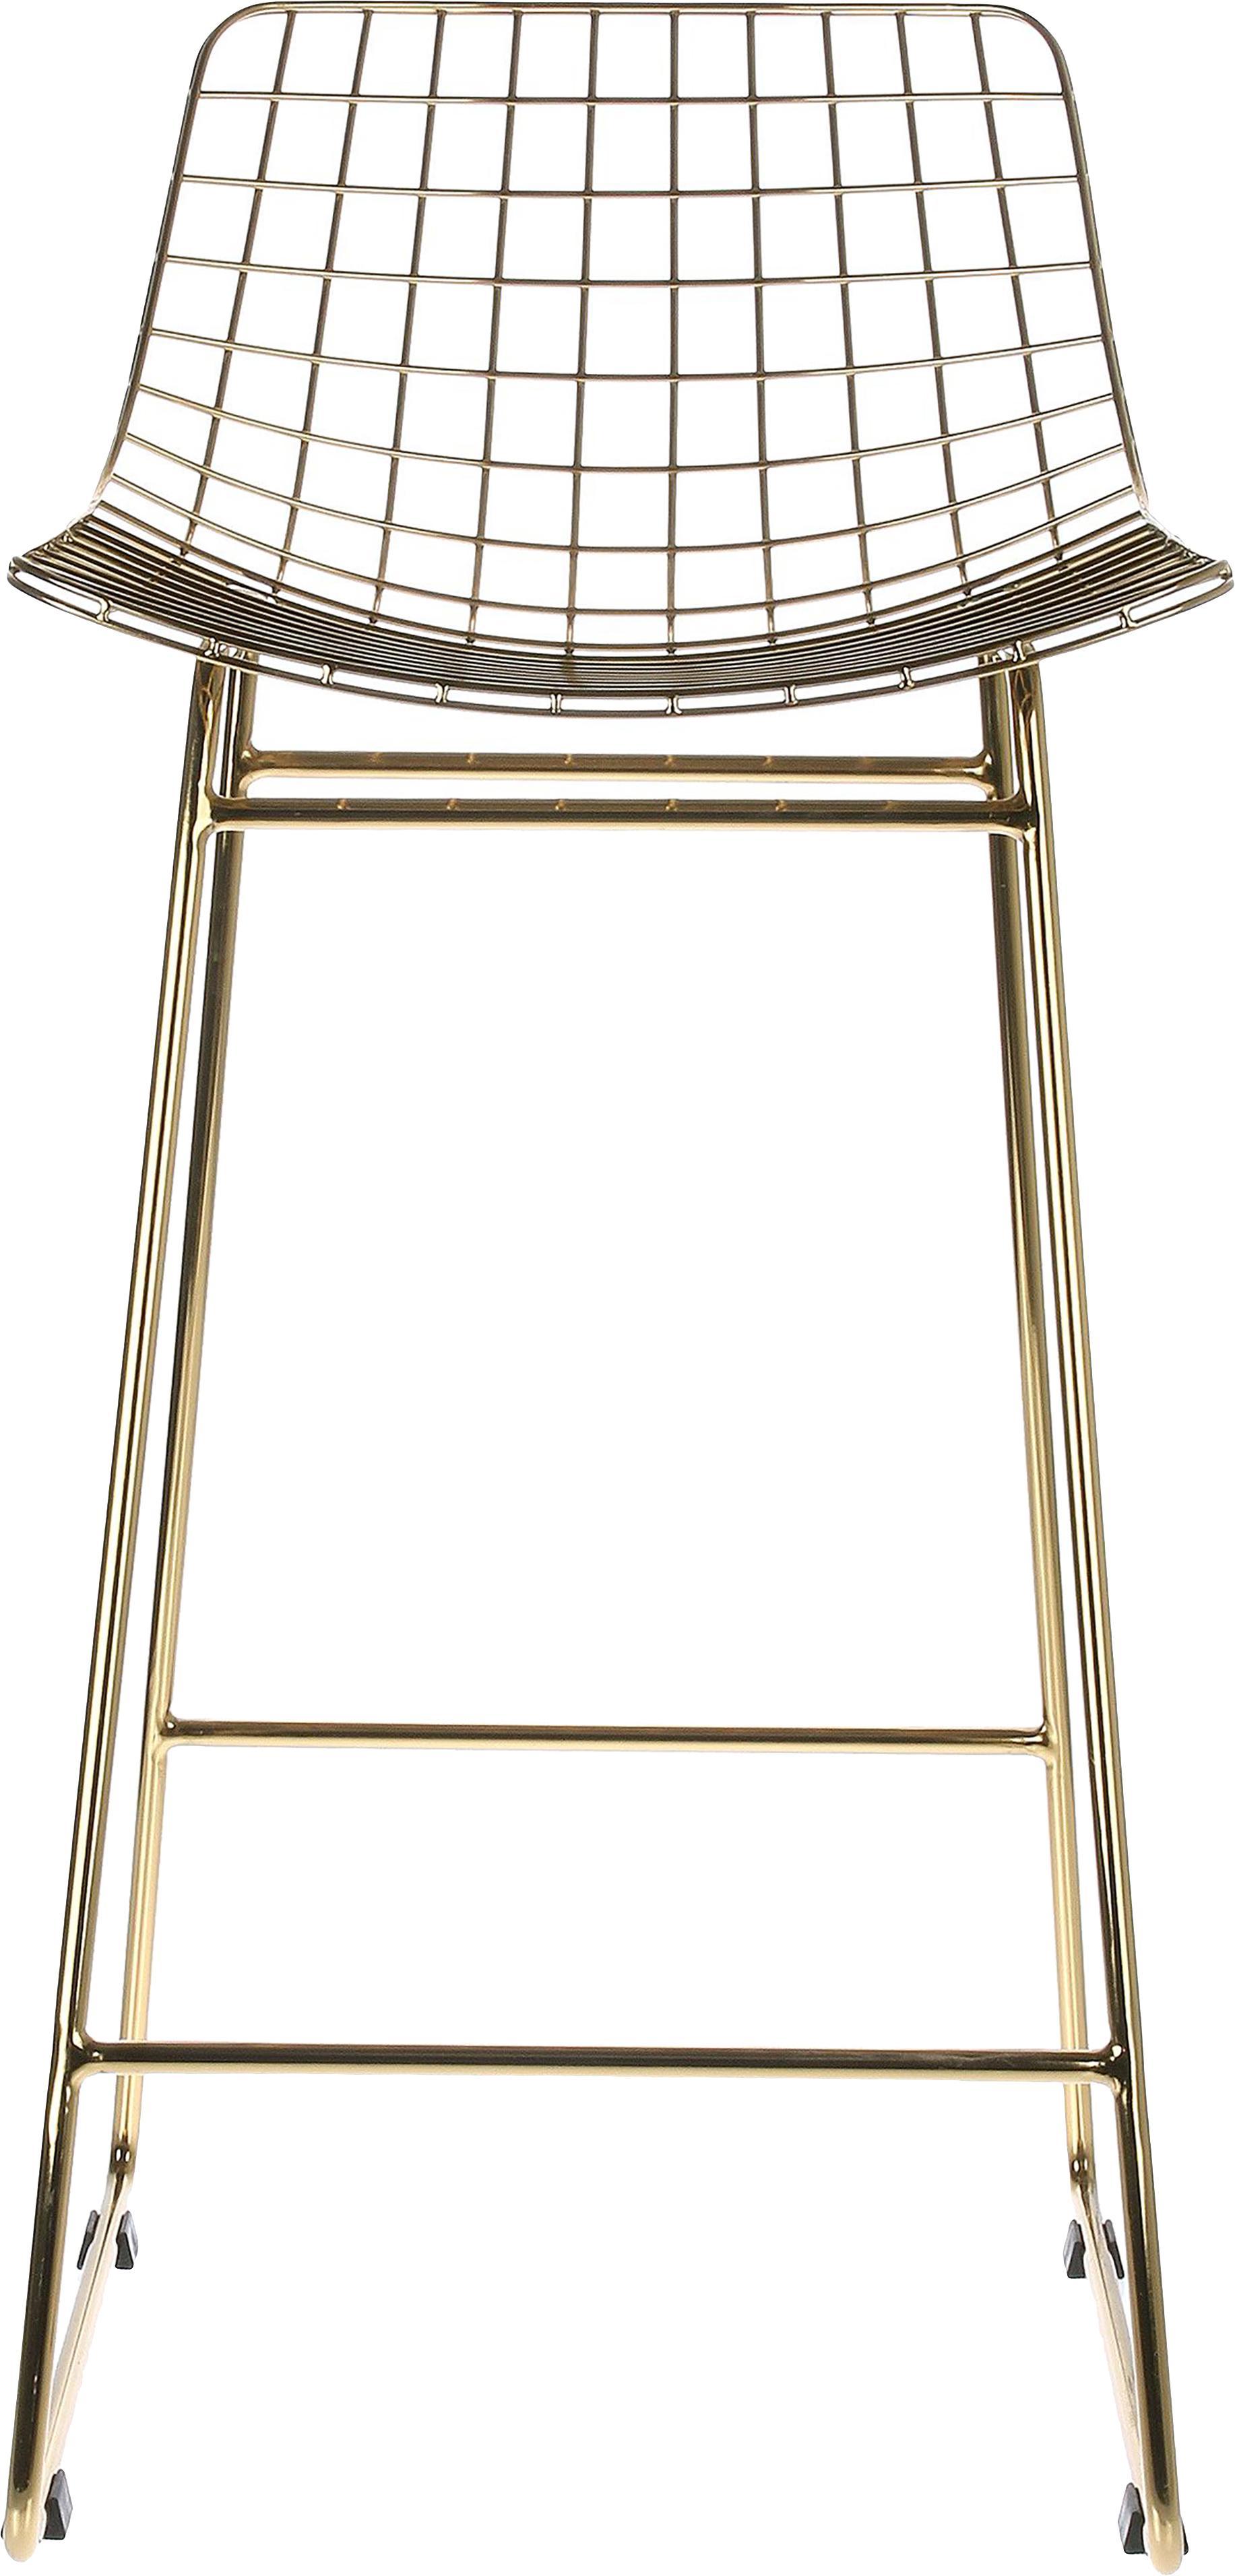 Metall-Thekenstühle Wire in Gold, 2 Stück, Metall, pulverbeschichtet, Messingfarben, 47 x 89 cm